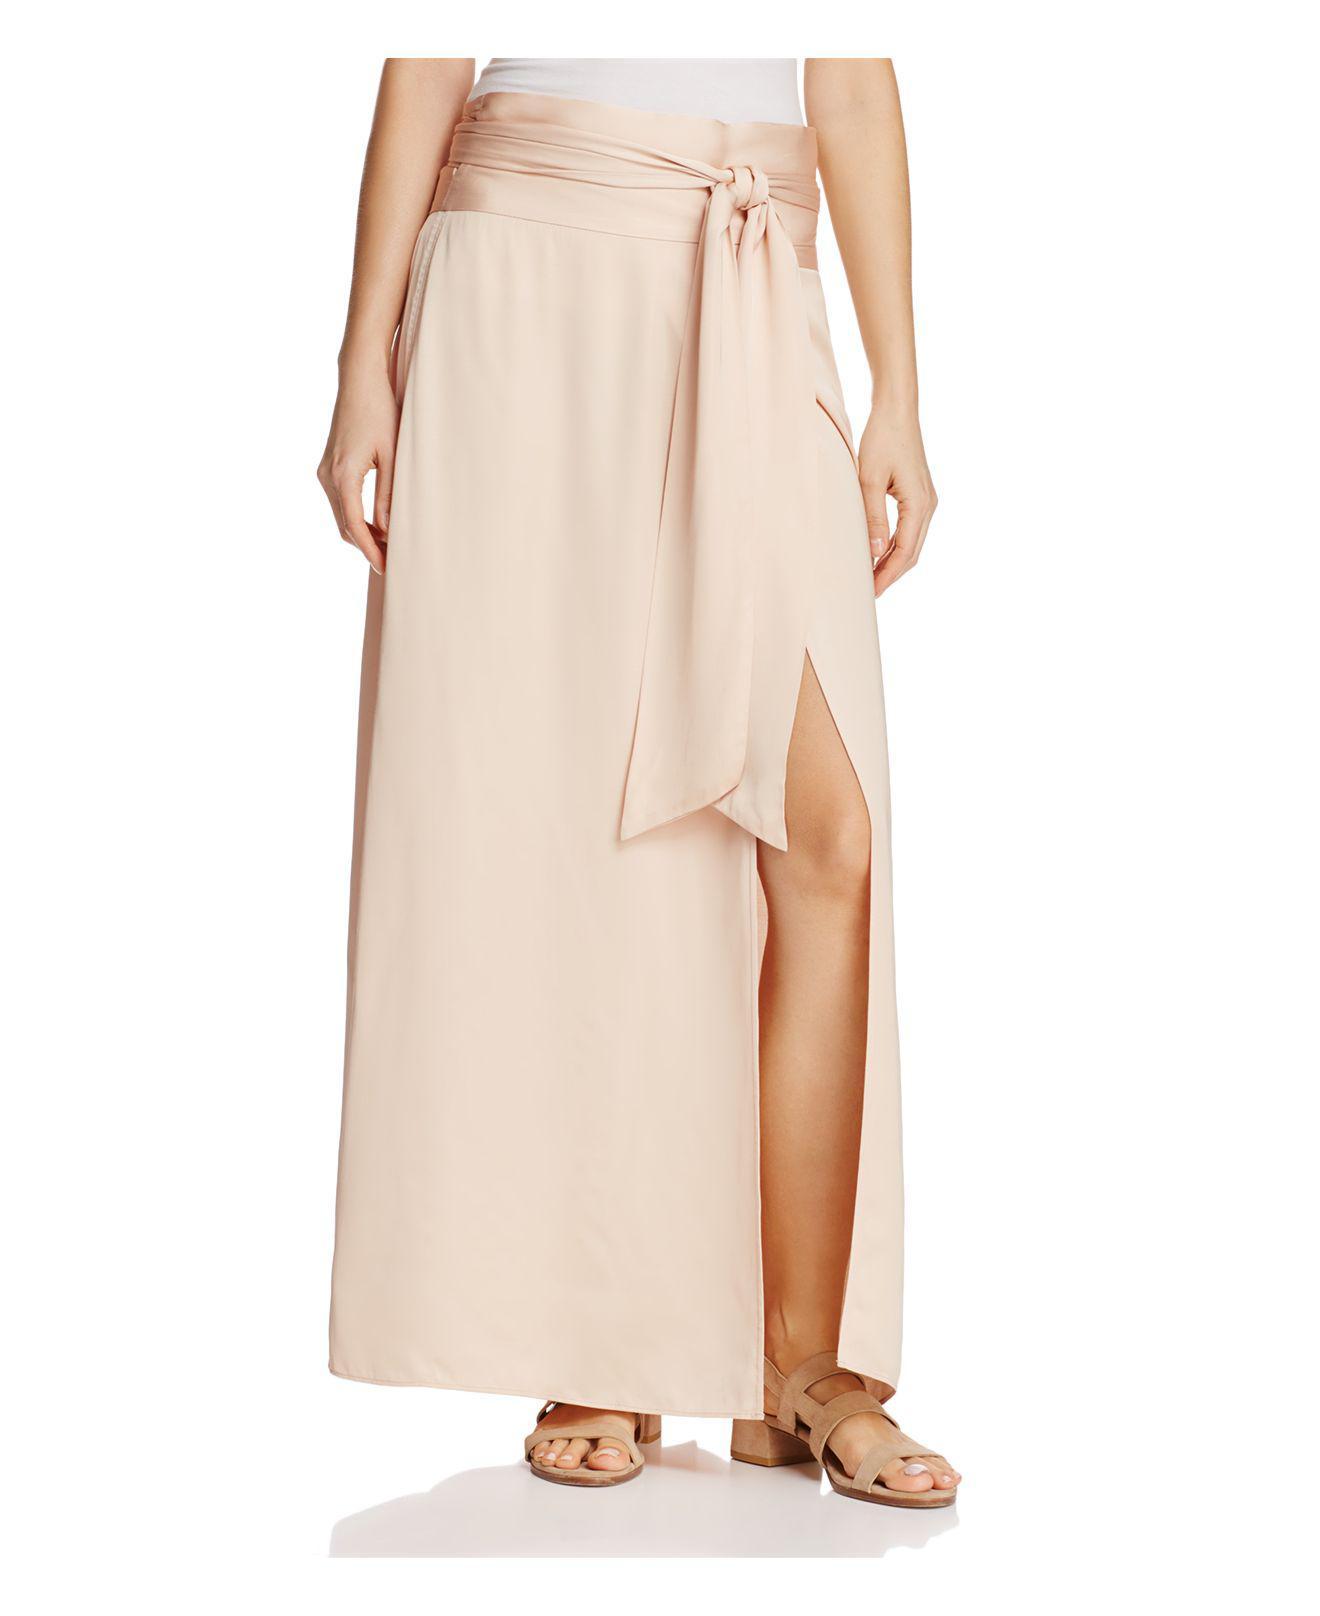 b2556939c Lyst - Elizabeth and James Almeria Wrap Maxi Skirt